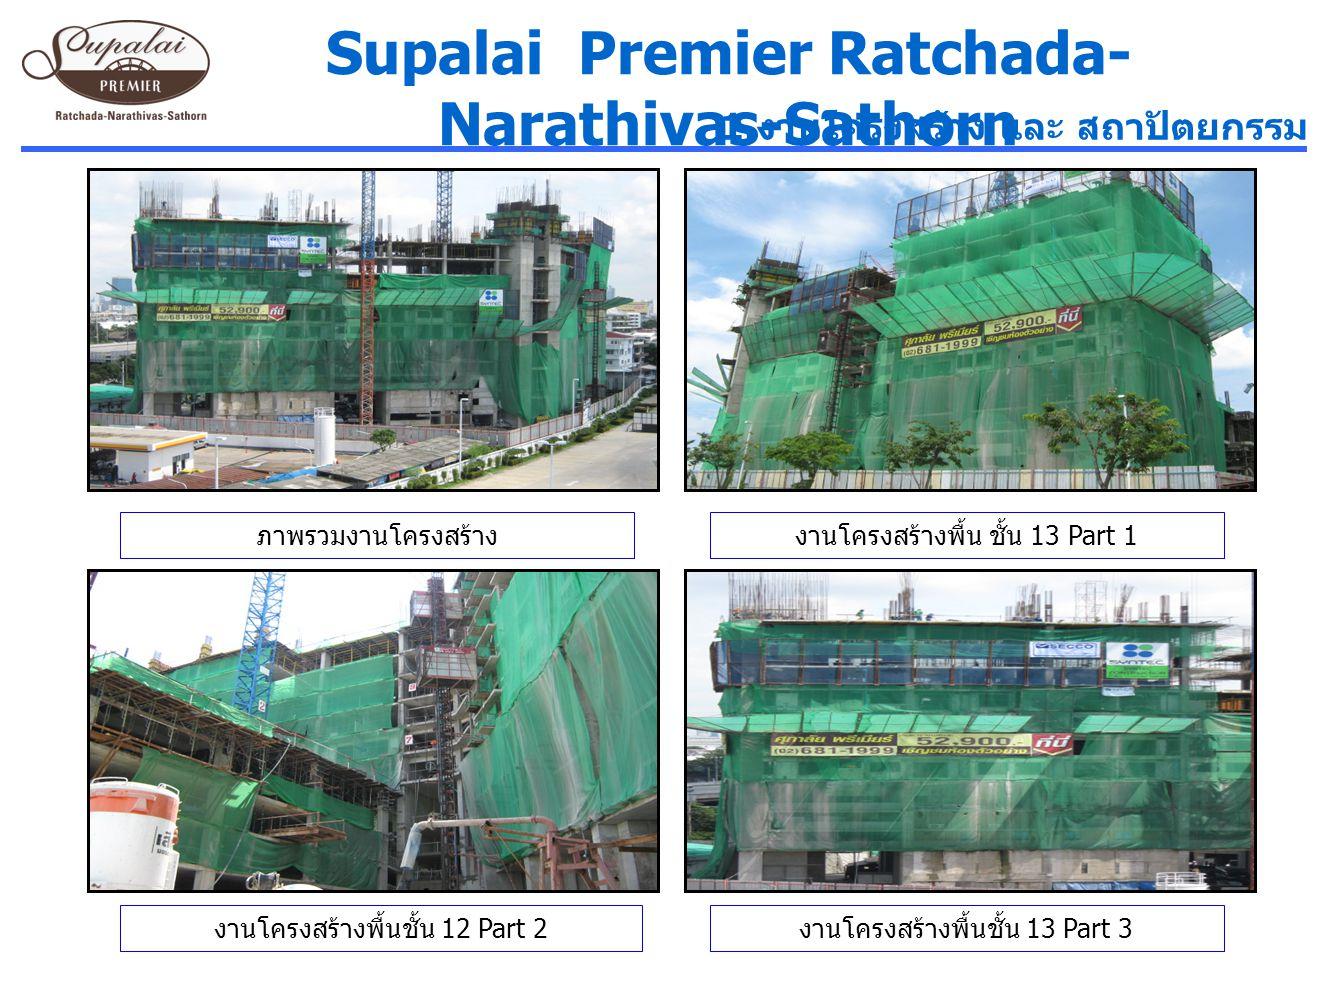 Supalai Premier Ratchada- Narathivas-Sathorn งานโครงสร้างพื้น ชั้น 6 Part 4 สระว่ายน้ำงานก่ออิฐมวลเบา ชั้น 9 1.